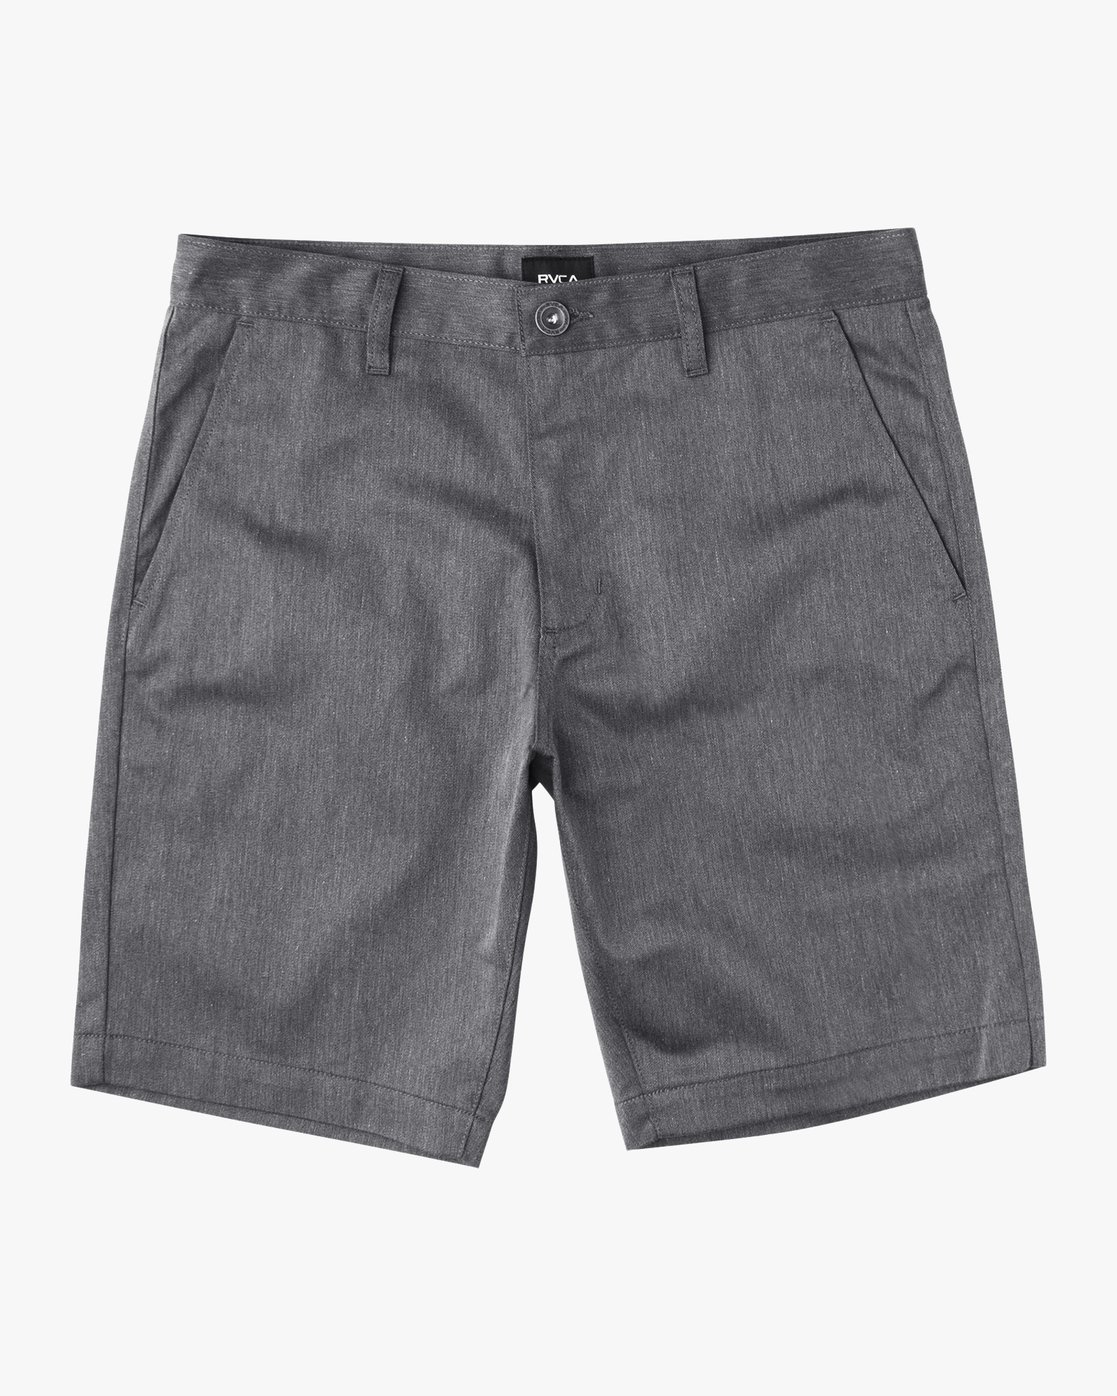 0 Week-End Shorts Grey M3211WES RVCA